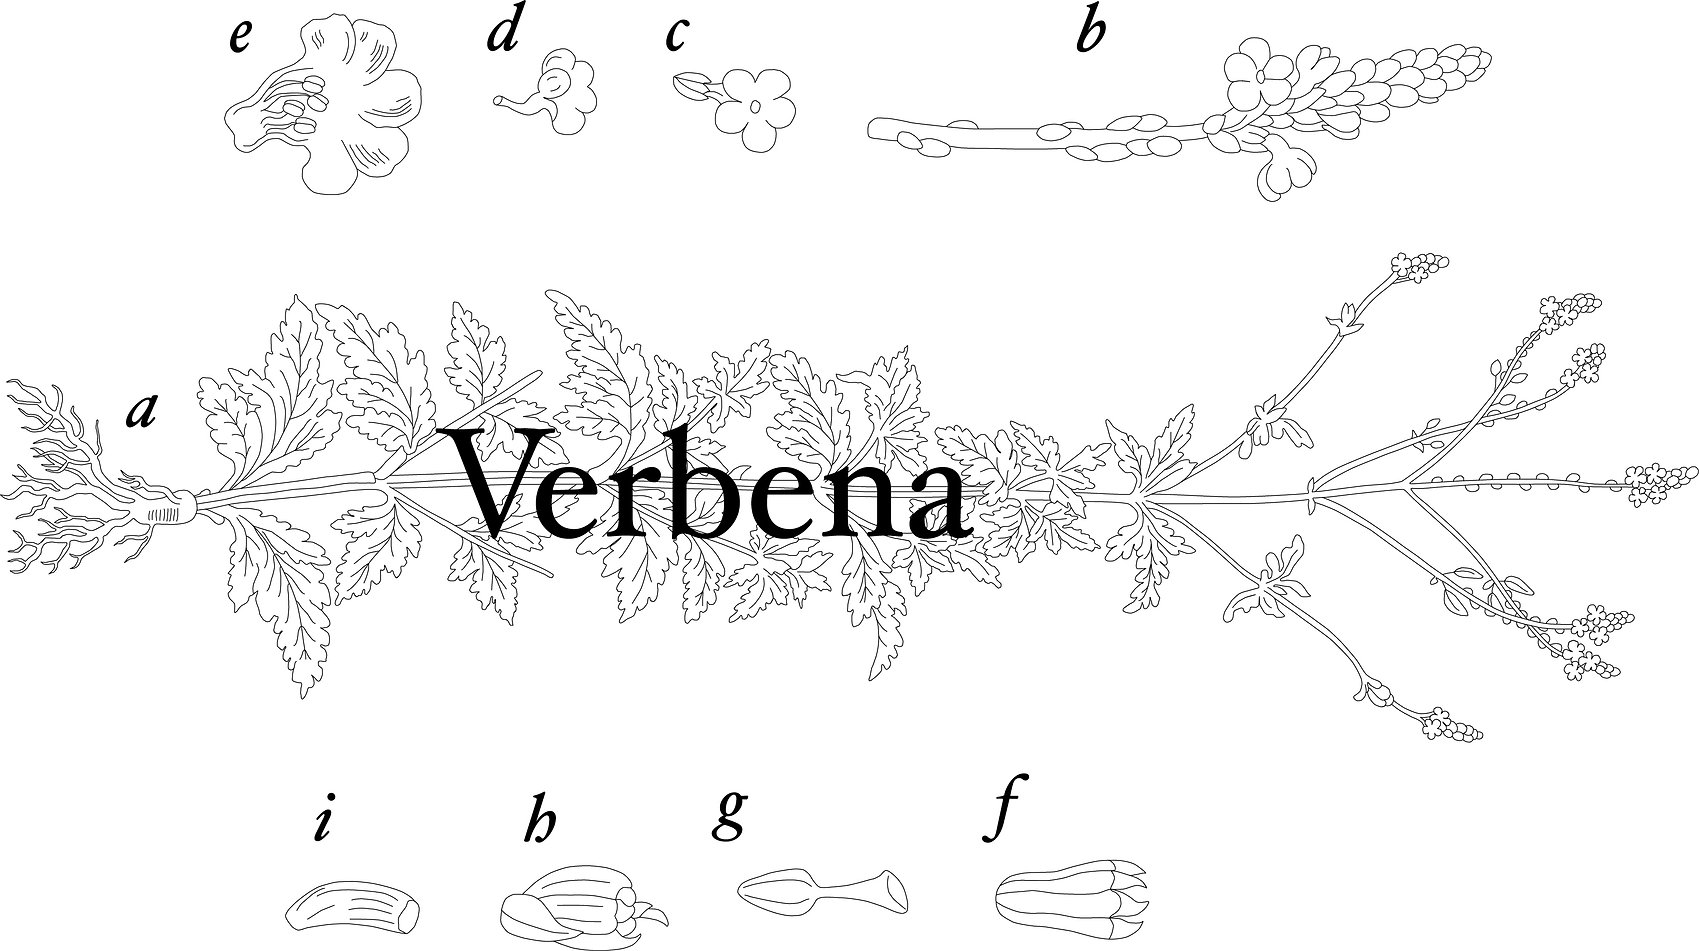 verbena2.jpg